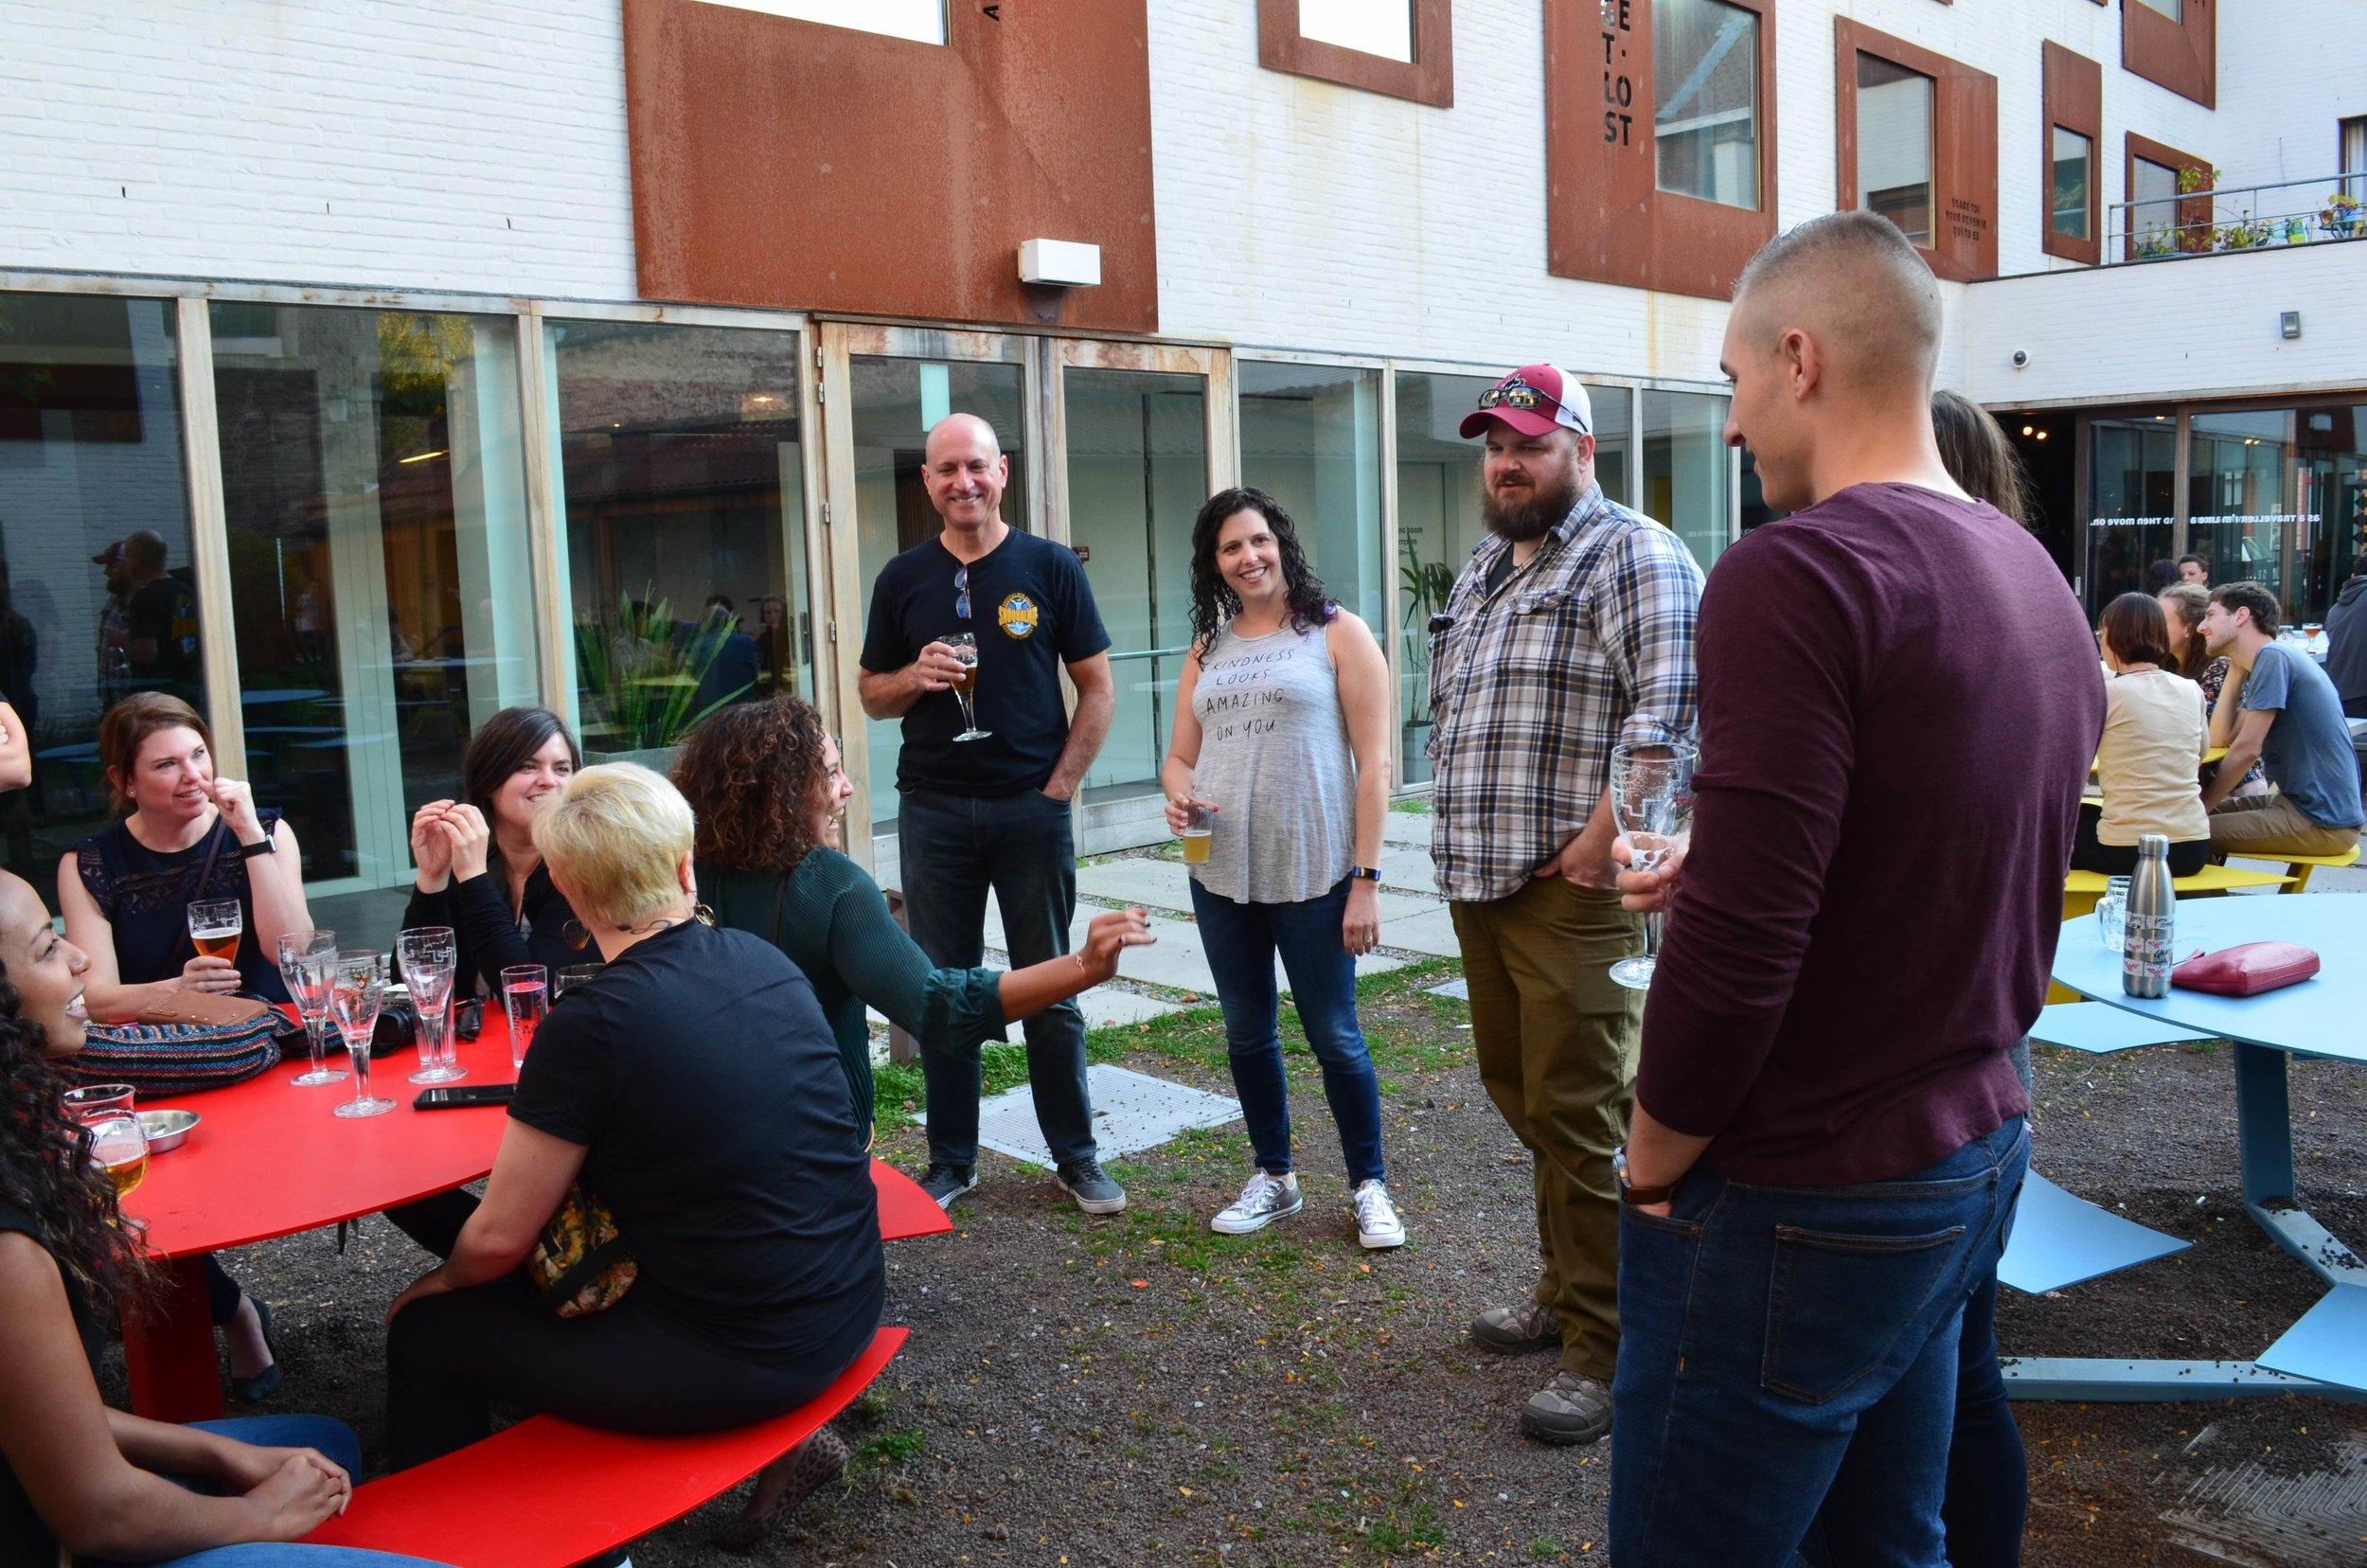 beeryoga_balanceandbrews_yogaretreat_bruges_snuffel_hostelbeer_MIN.jpg